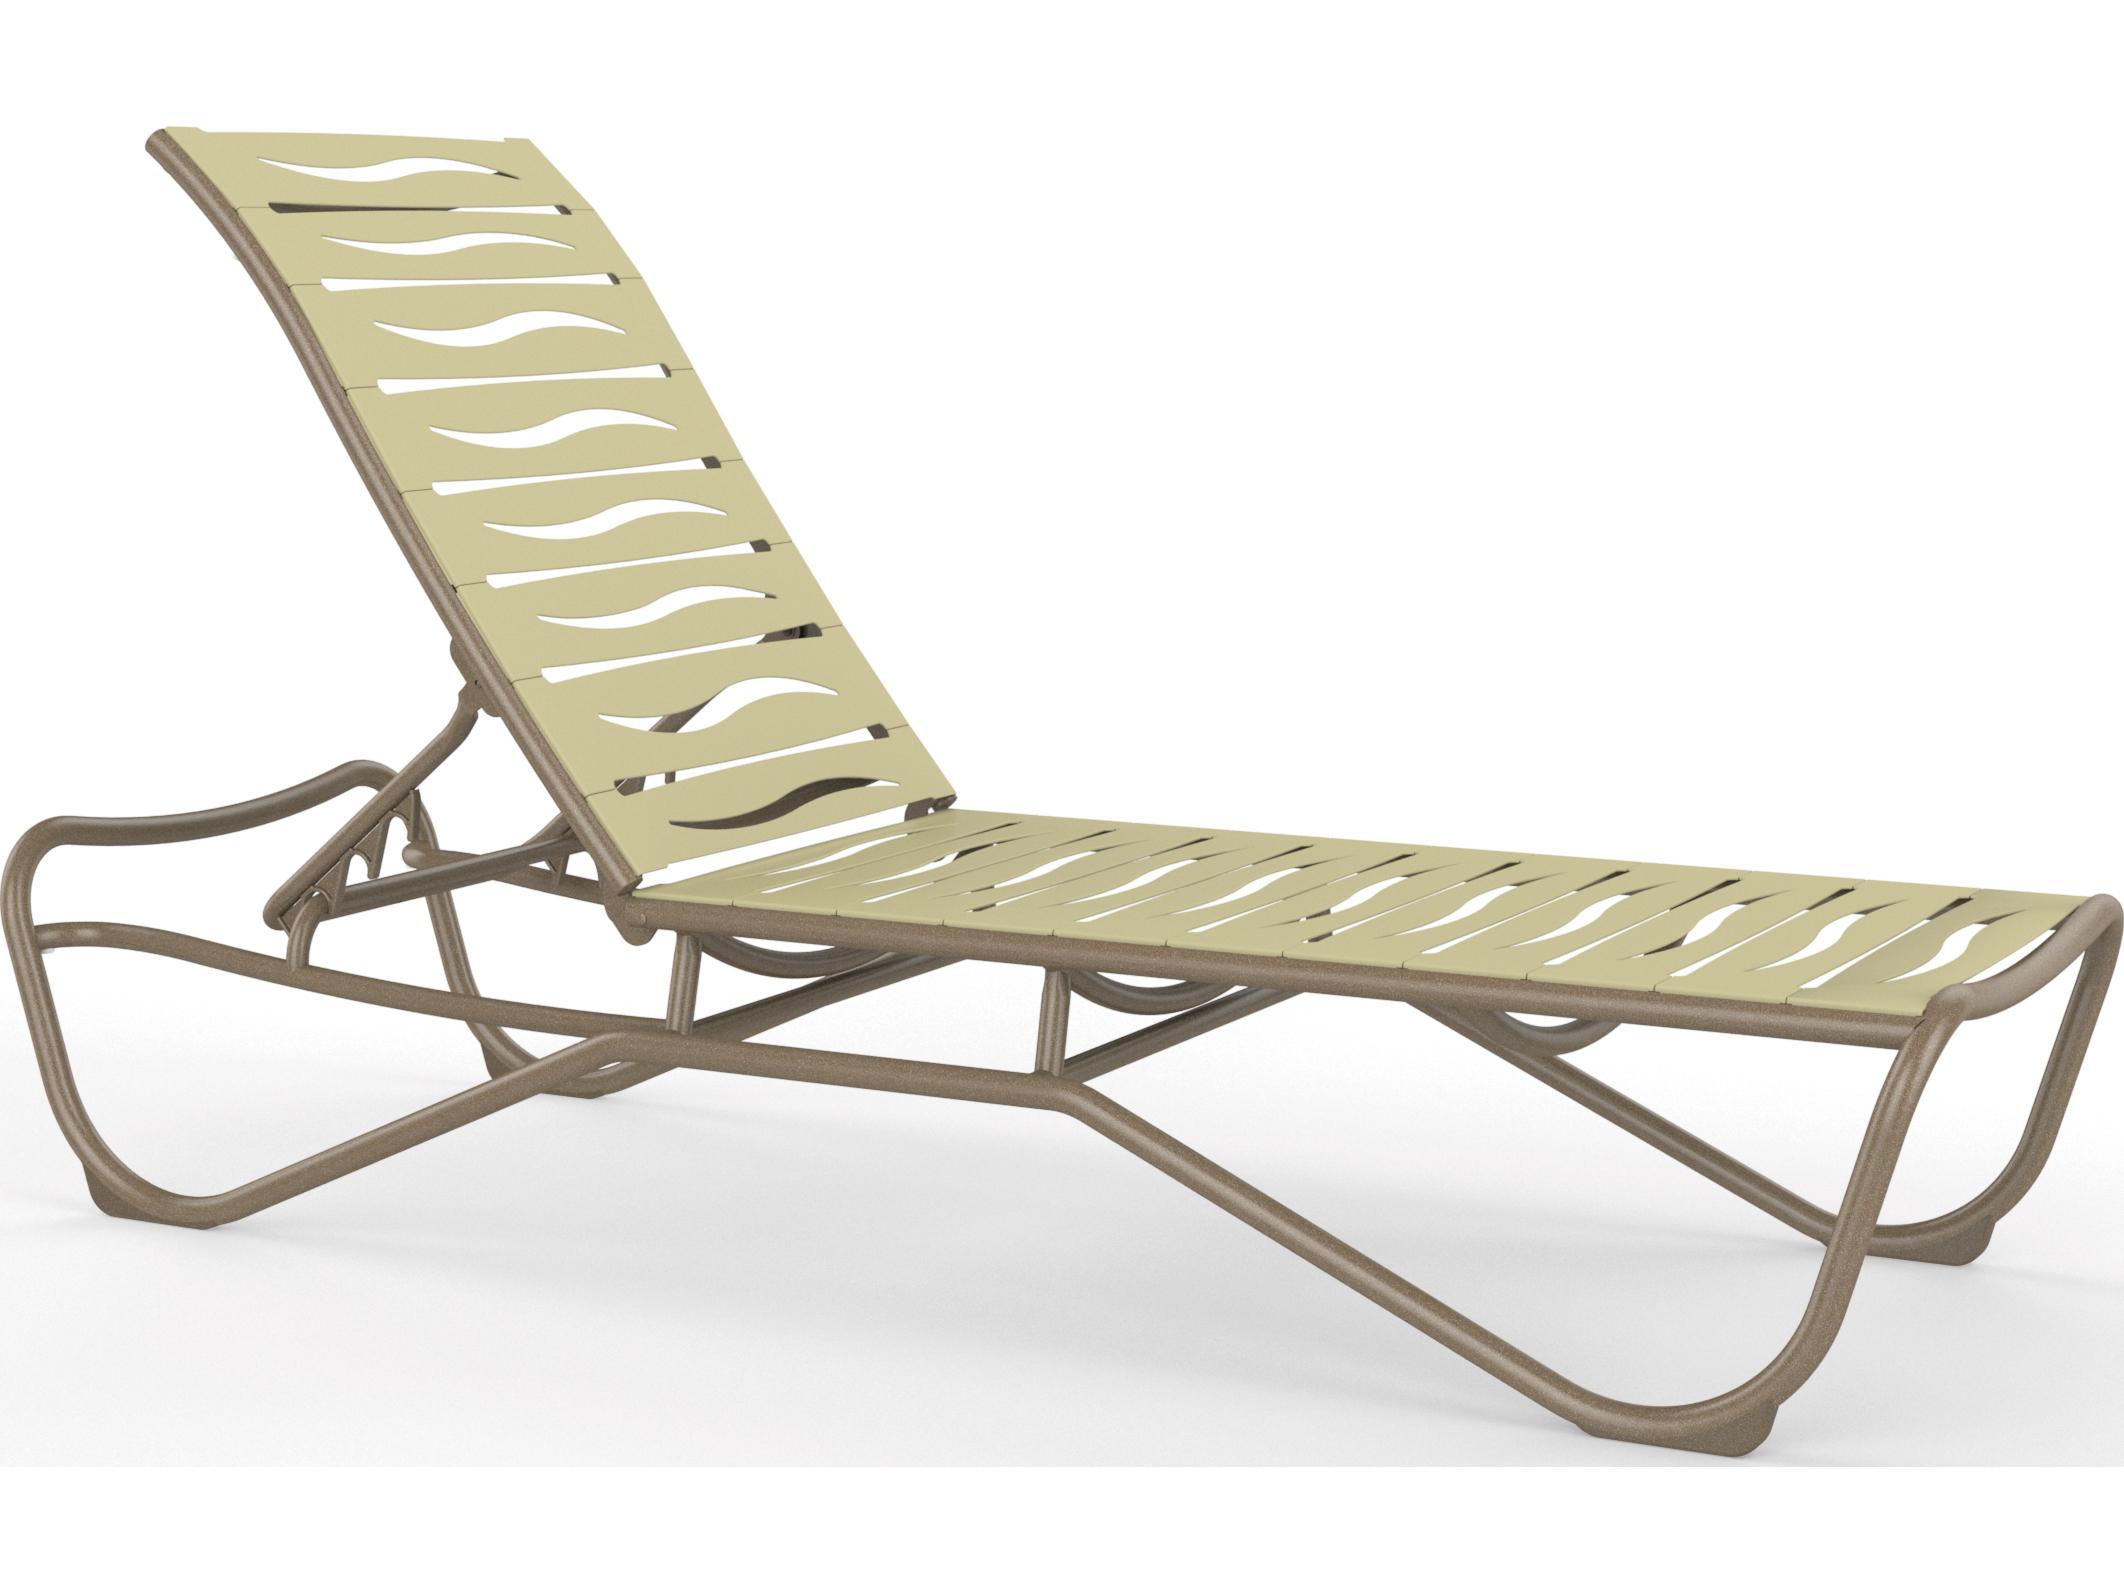 Tropitone millennia wave segment aluminum chaise lounge for Aluminum chaise lounge